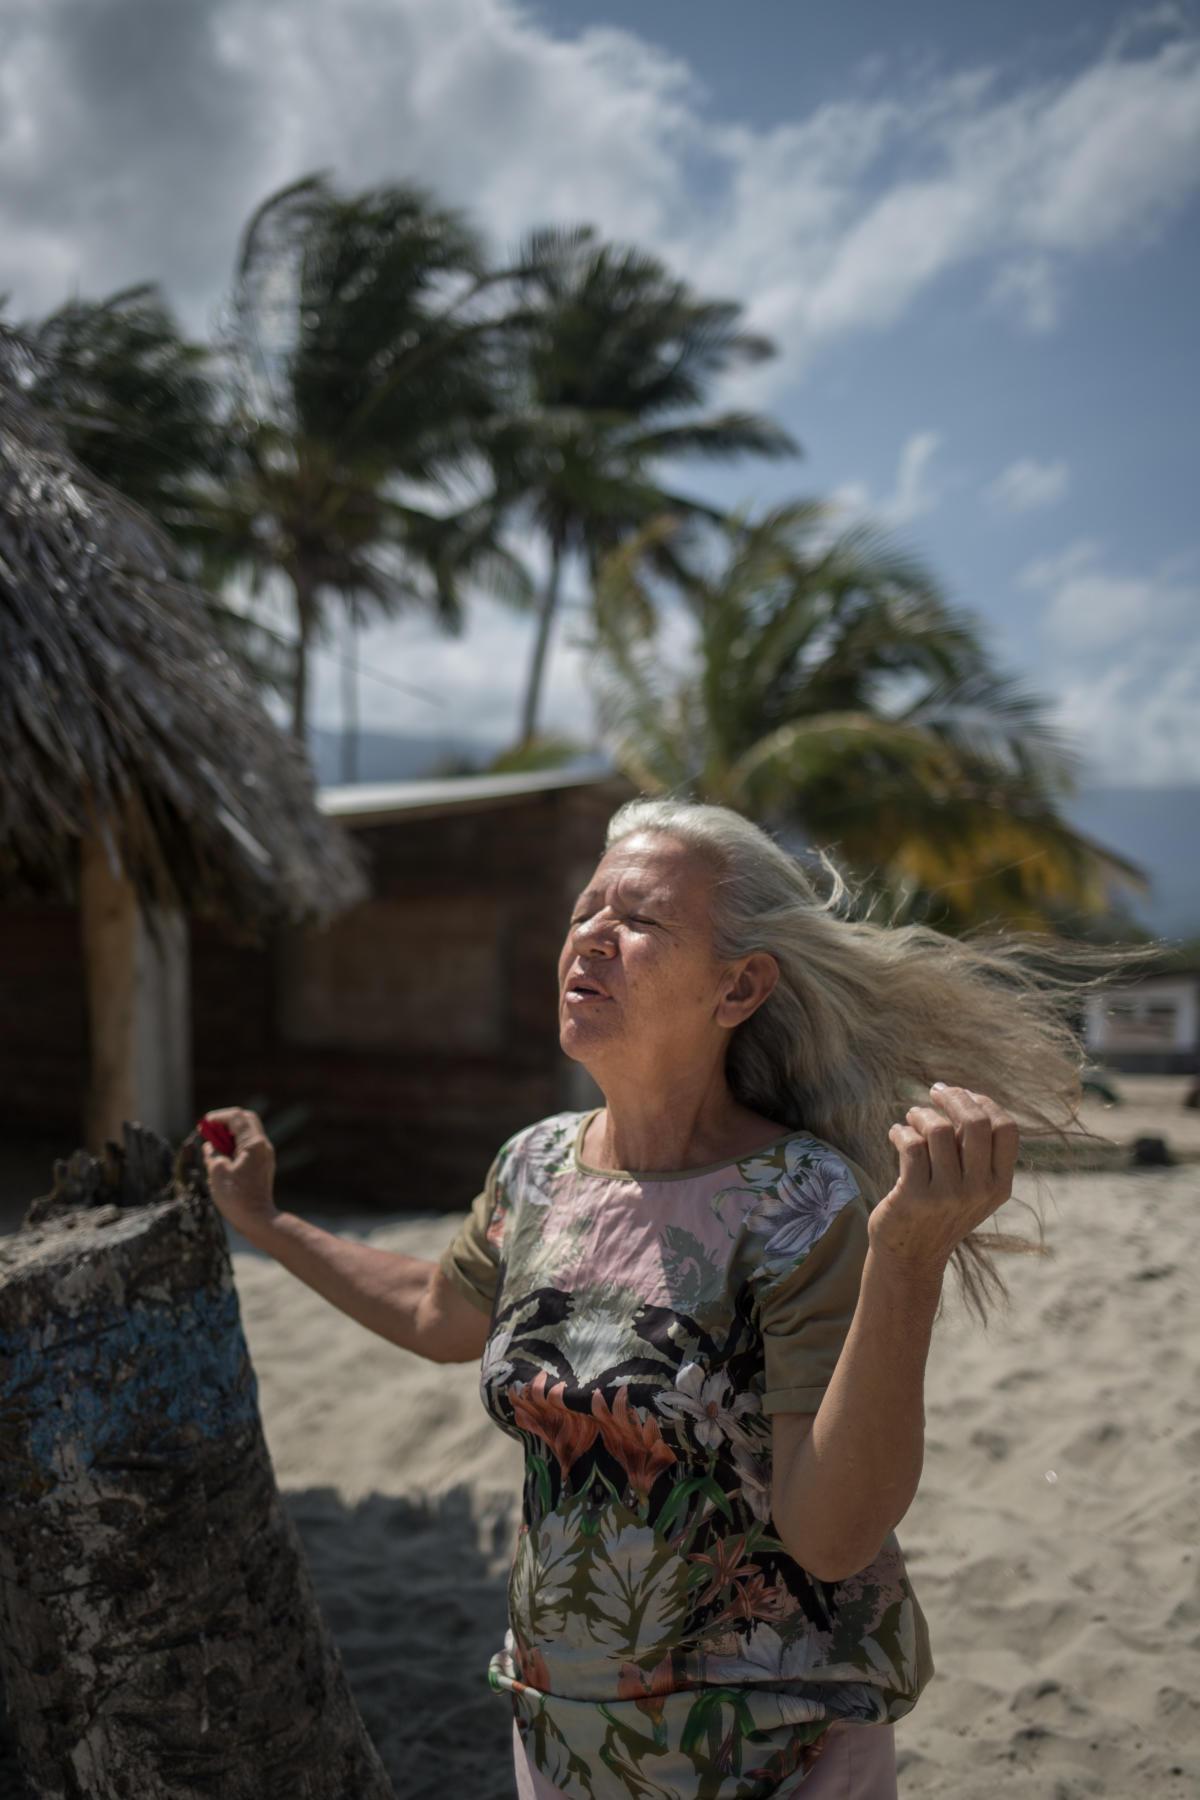 Bikeyman Morales, 50 ans, propriétaire d'un restaurant, à Patanemo, en mars. « Ma belle-fille était enceinte de huit mois. Elle est allée à l'hôpital pour une urgence. Mais il manquait le matériel nécessaire, et le bébé est mort. Nous n'avons pas d'ambulances. Nous avons déjà dû transporter dans notre pick-up des gens qui faisaient des crises cardiaques... La solidarité nous aide à survivre, nous ne devons pas les laisser nous prendre ça. »